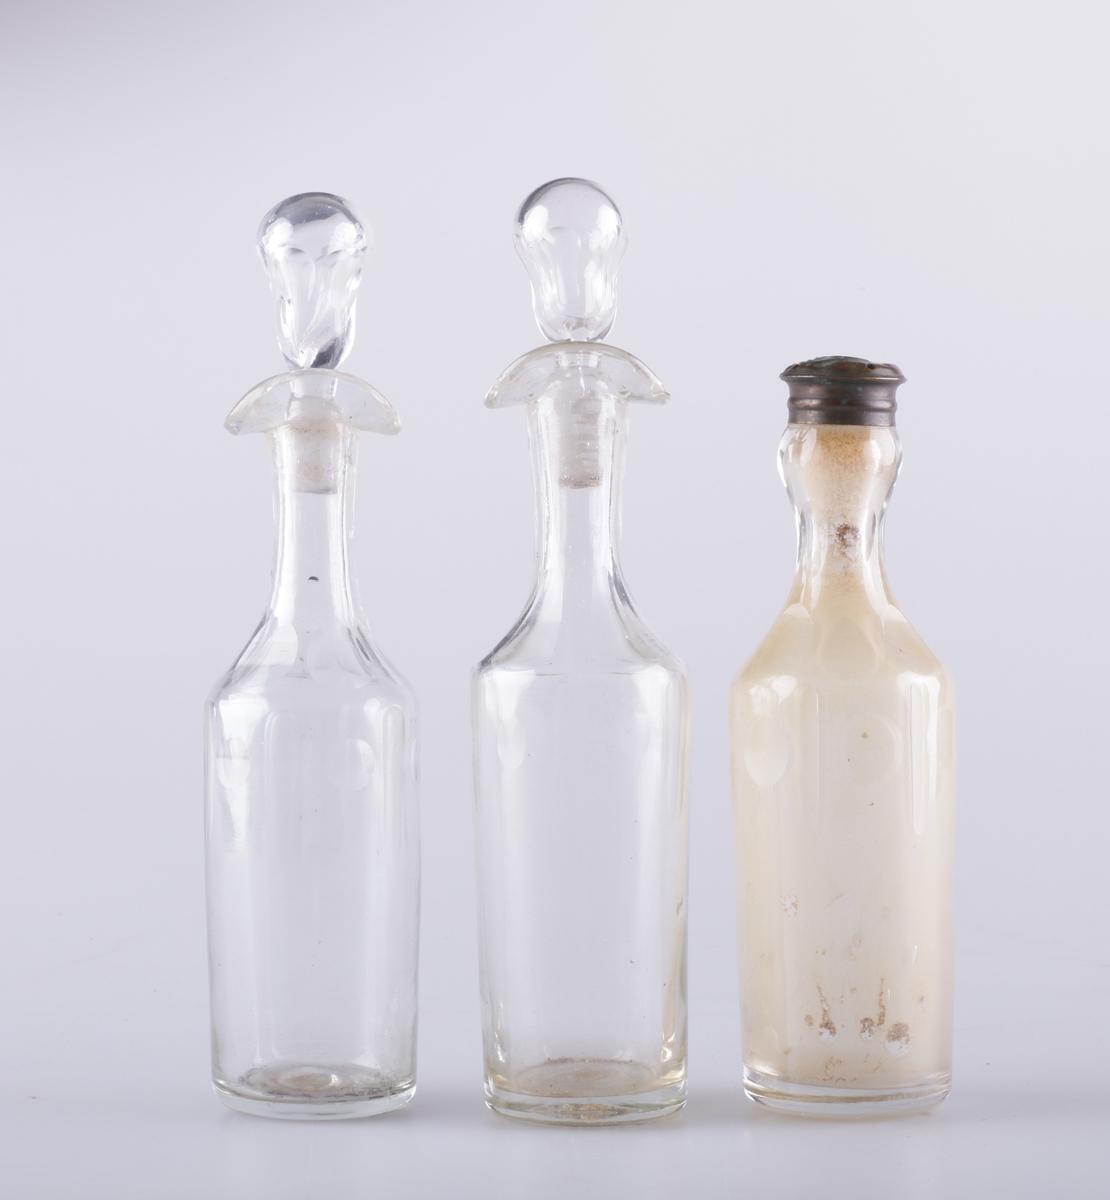 Flasken er slank og har dobbel helletut og glasspropp. Flasken er dekorert med fasettsliping og olivensliping i annenhvert felt øverst på kroppen.